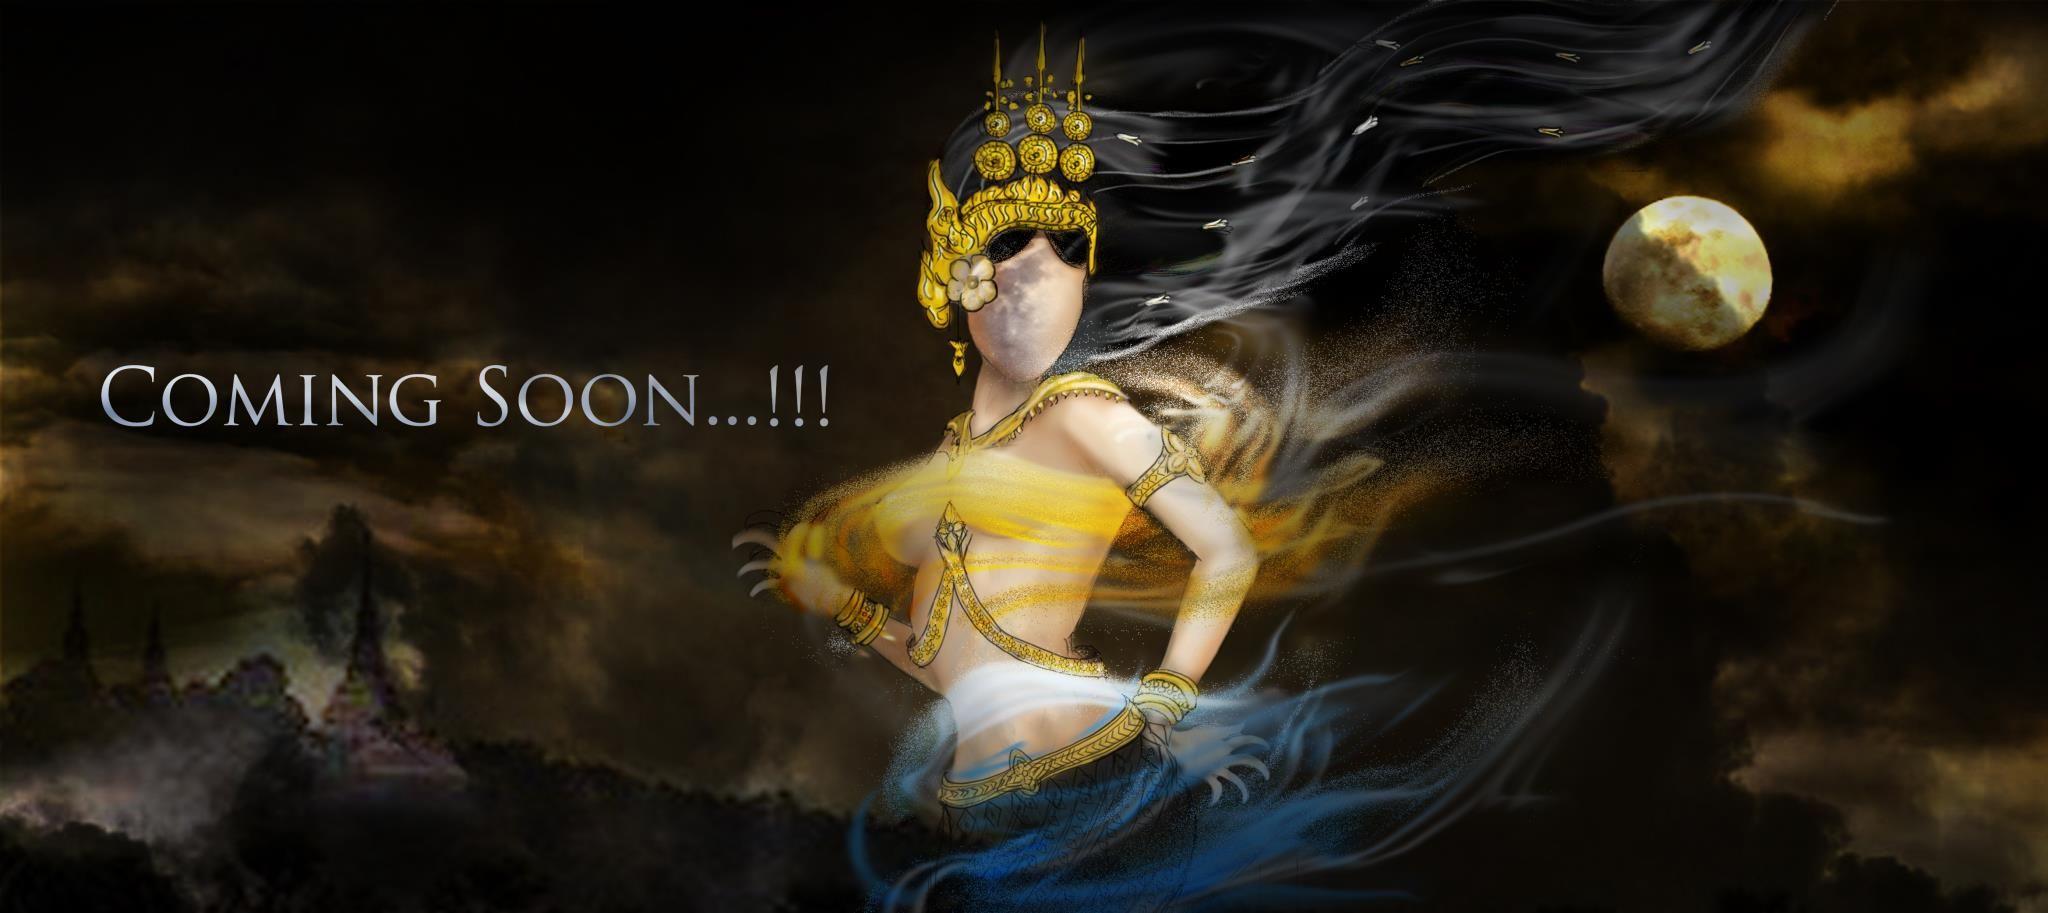 The Last Apsara